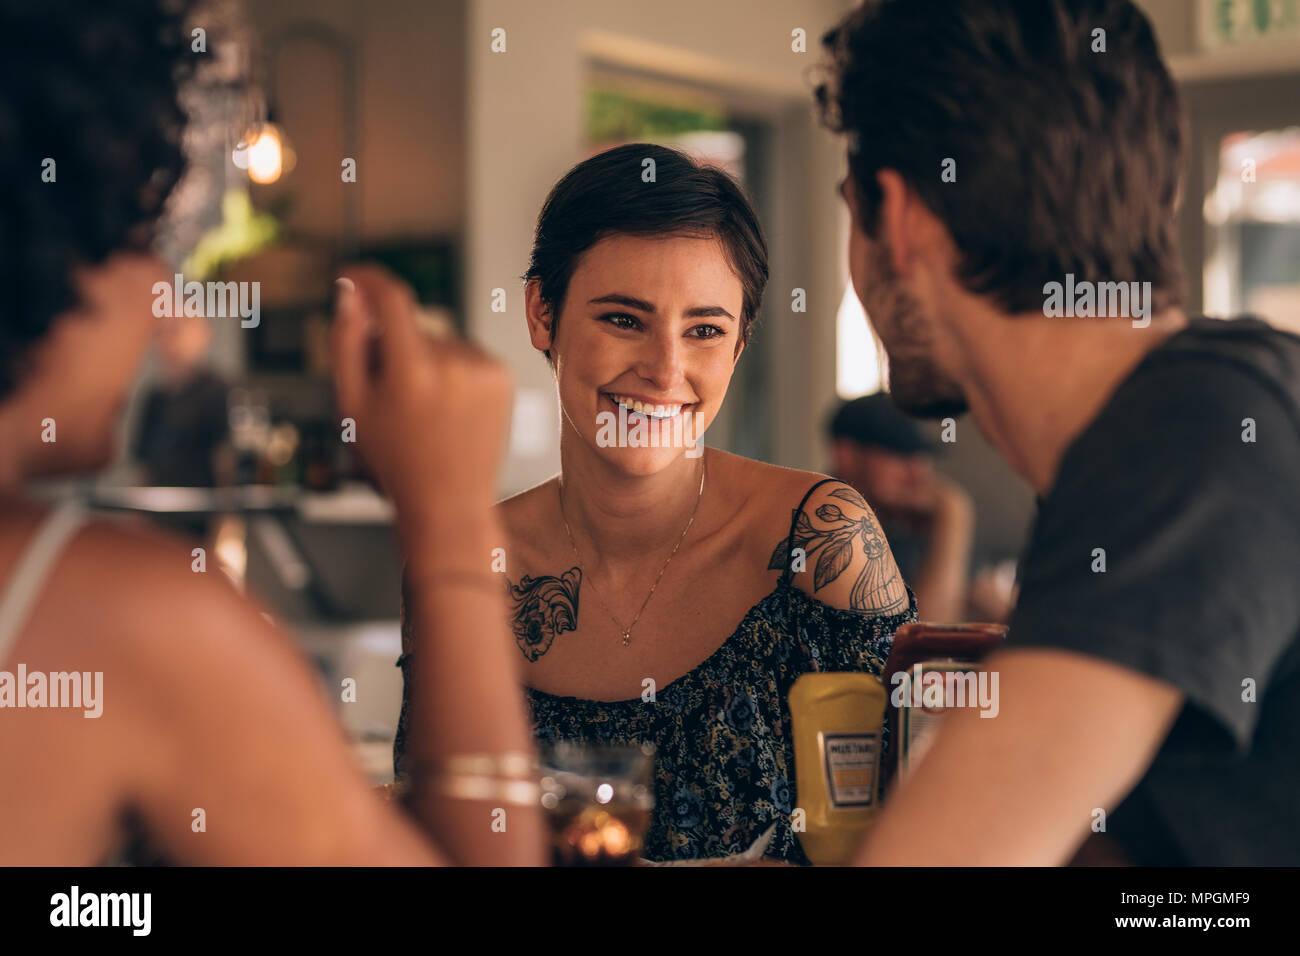 Schöne junge Frau lächelnd und im Gespräch mit ihren Freunden auf einen Kaffee. Gruppe von jungen Menschen, die im Restaurant. Stockfoto